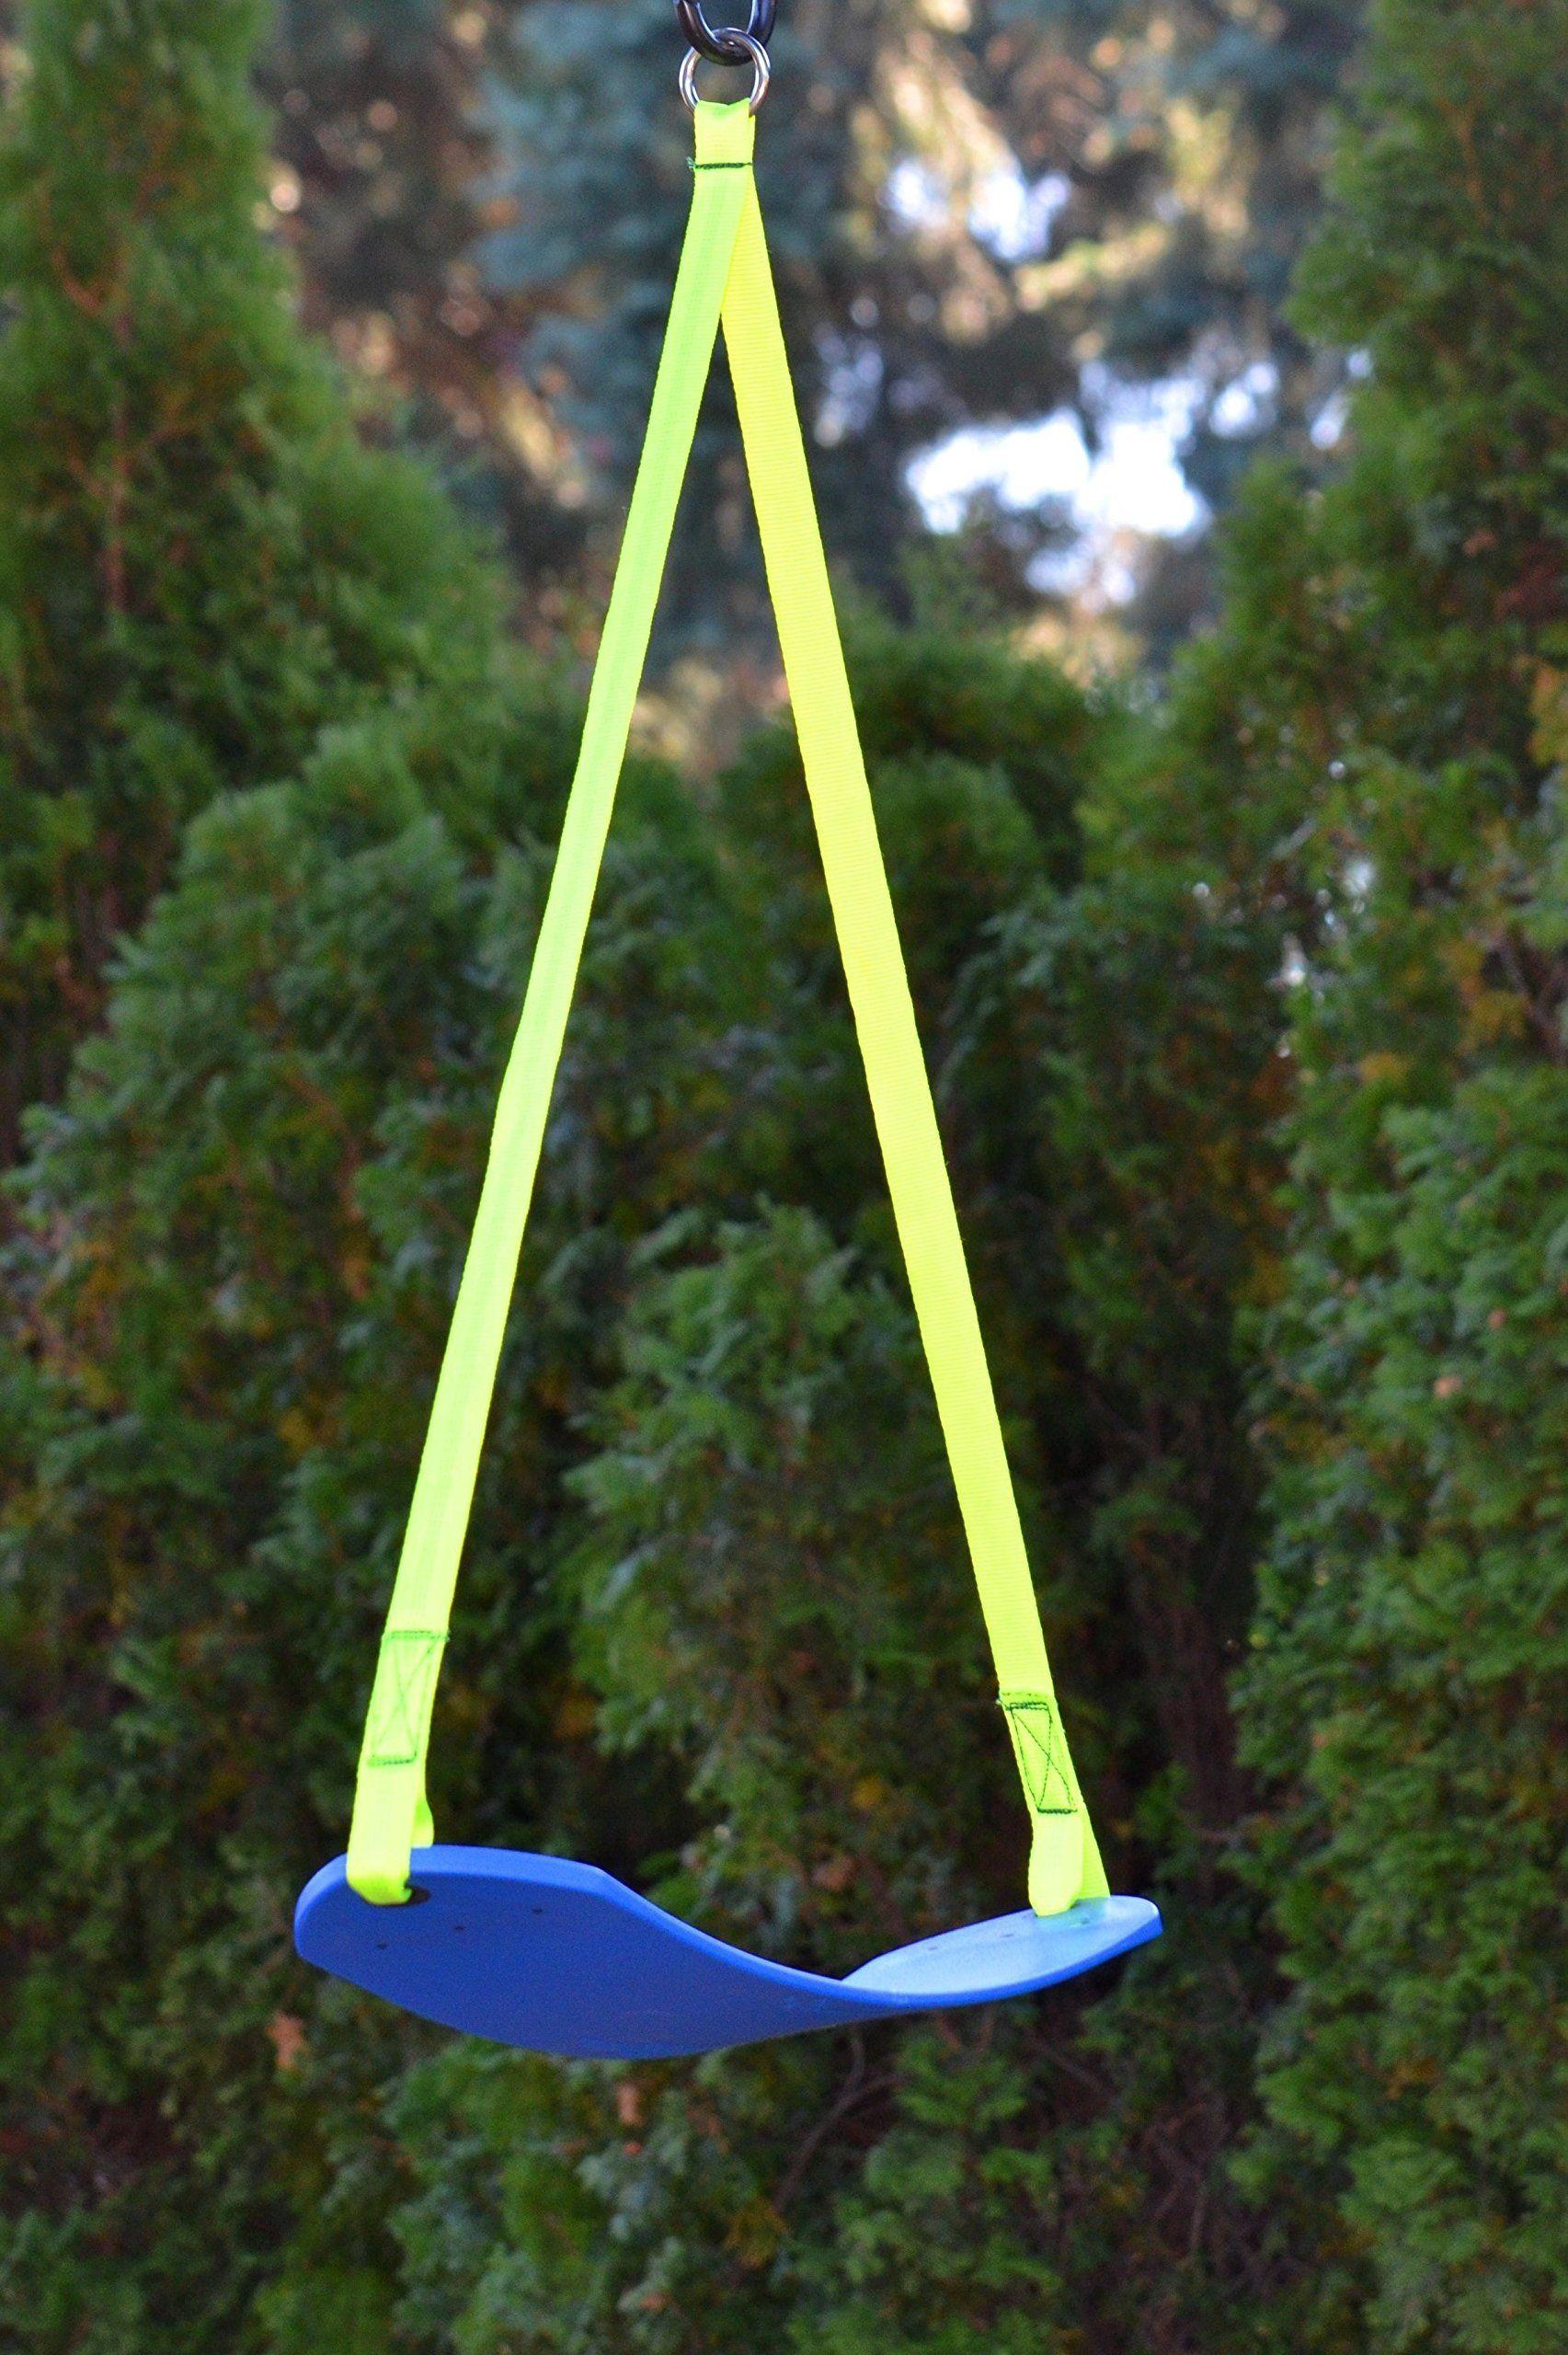 Zip Line Swing Seat | Zip line backyard, Ziplining